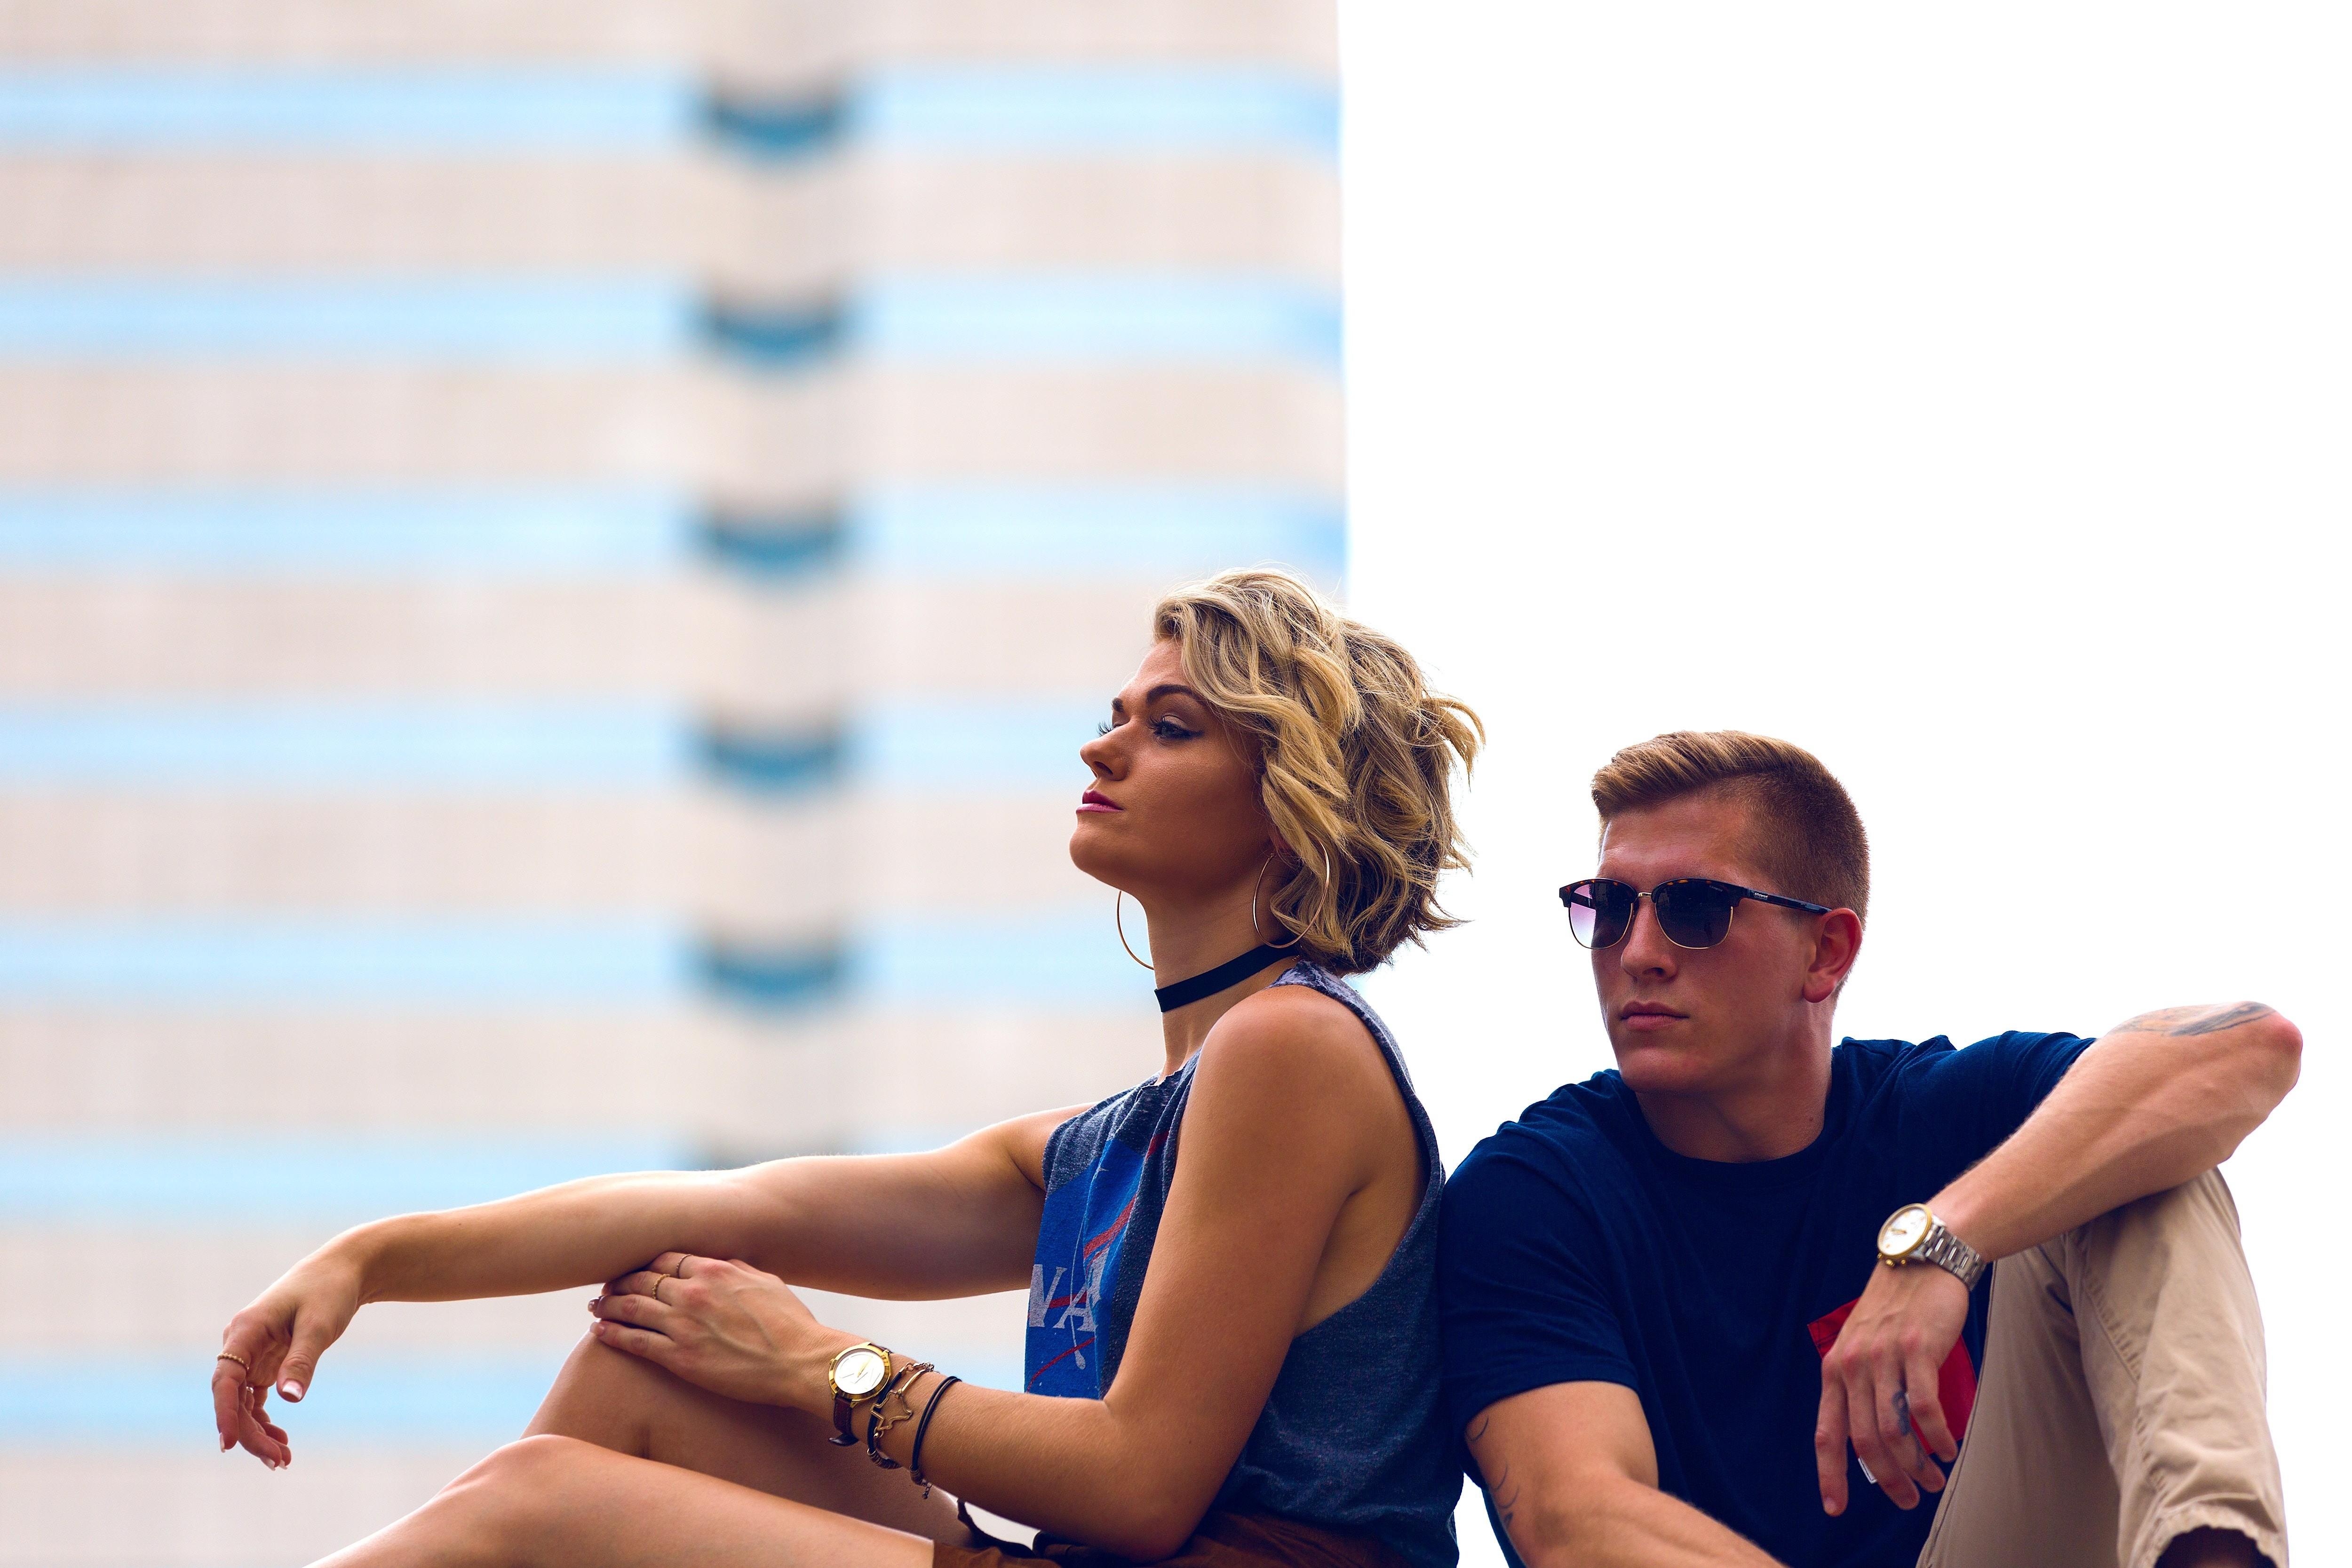 Как вести себя с пассивным мужчиной: советы психолога